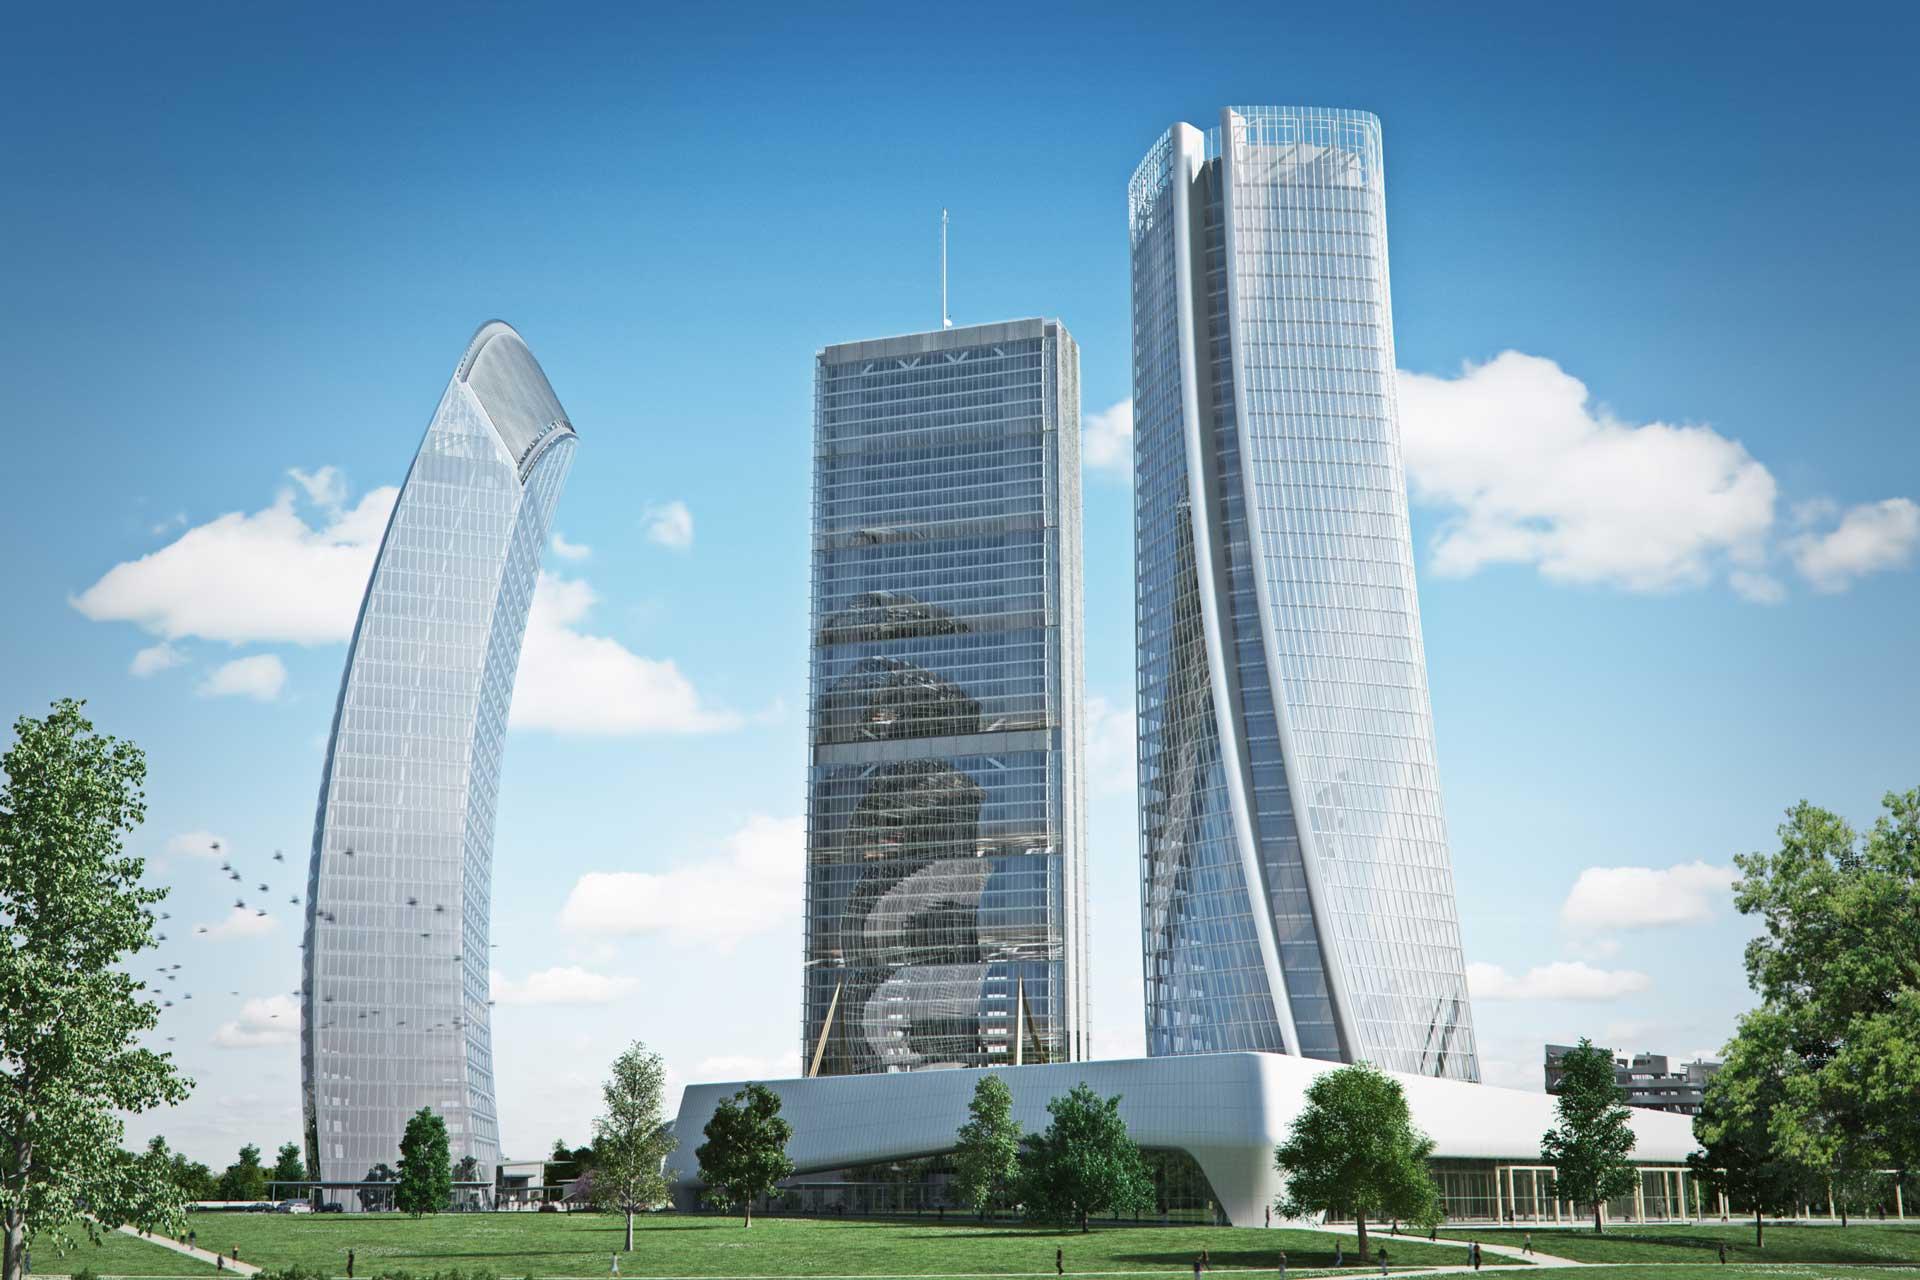 City Life Milano / Un Complejo Residencial de Zaha Hadid 2